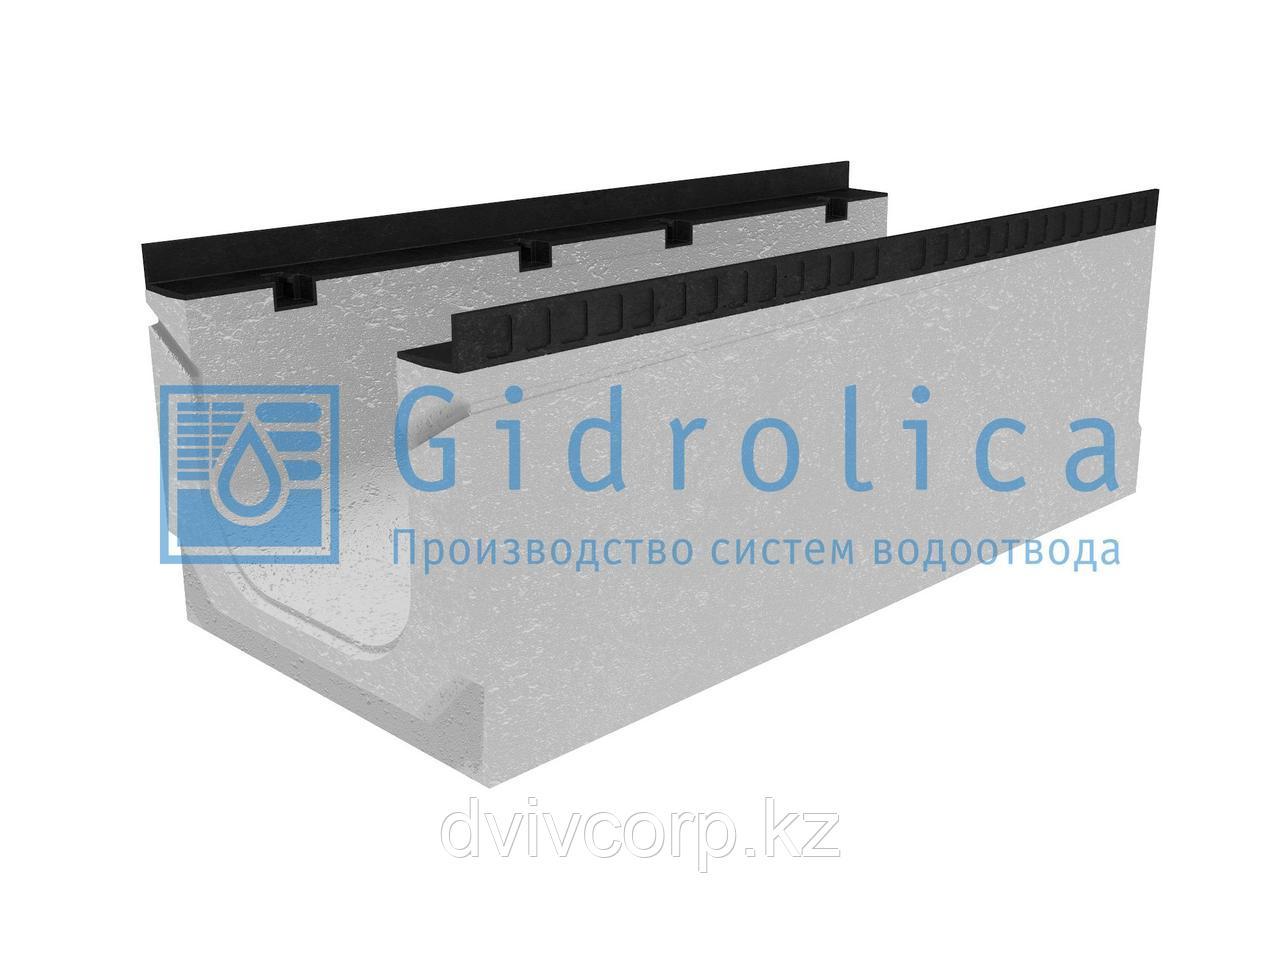 Лоток водоотводный бетонный коробчатый (СО-300мм), с уклоном 0,5%  КПу 100.44(30).36(29) - BGМ-F, № 10